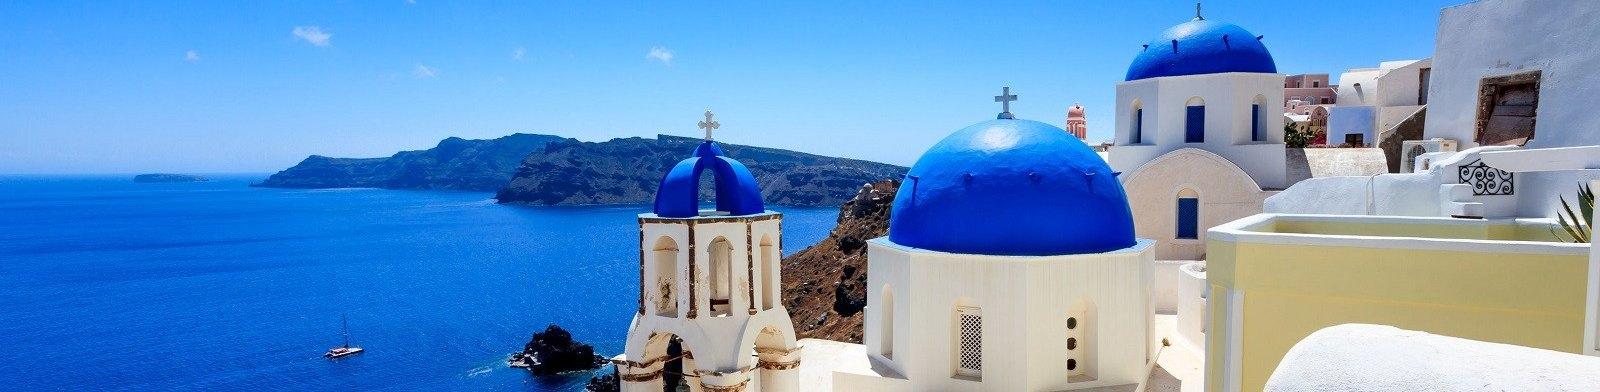 Oia architecture, Santorini